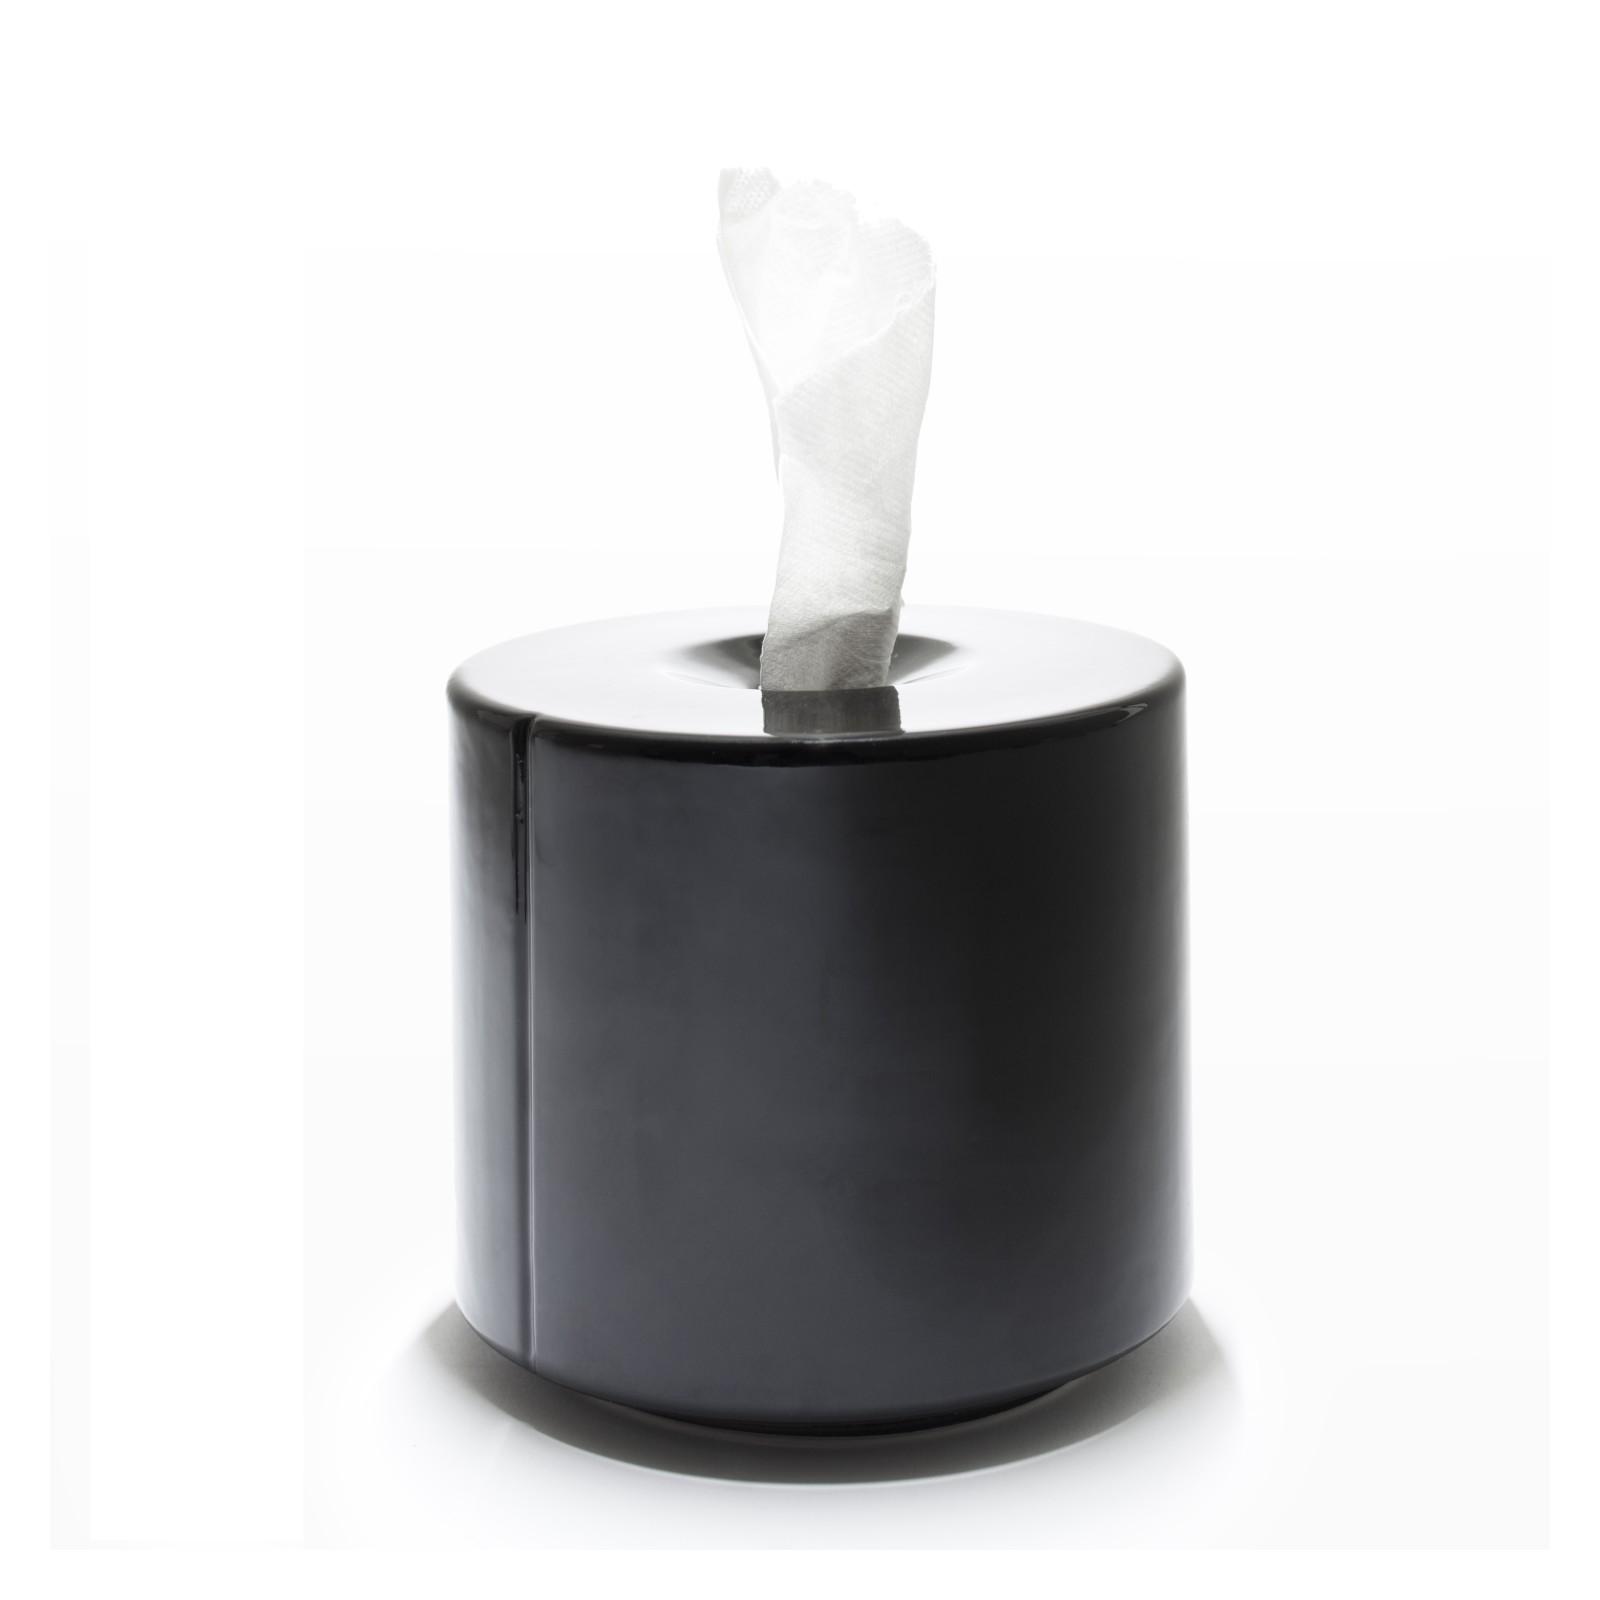 Tobo Ceramic Paper Storage White